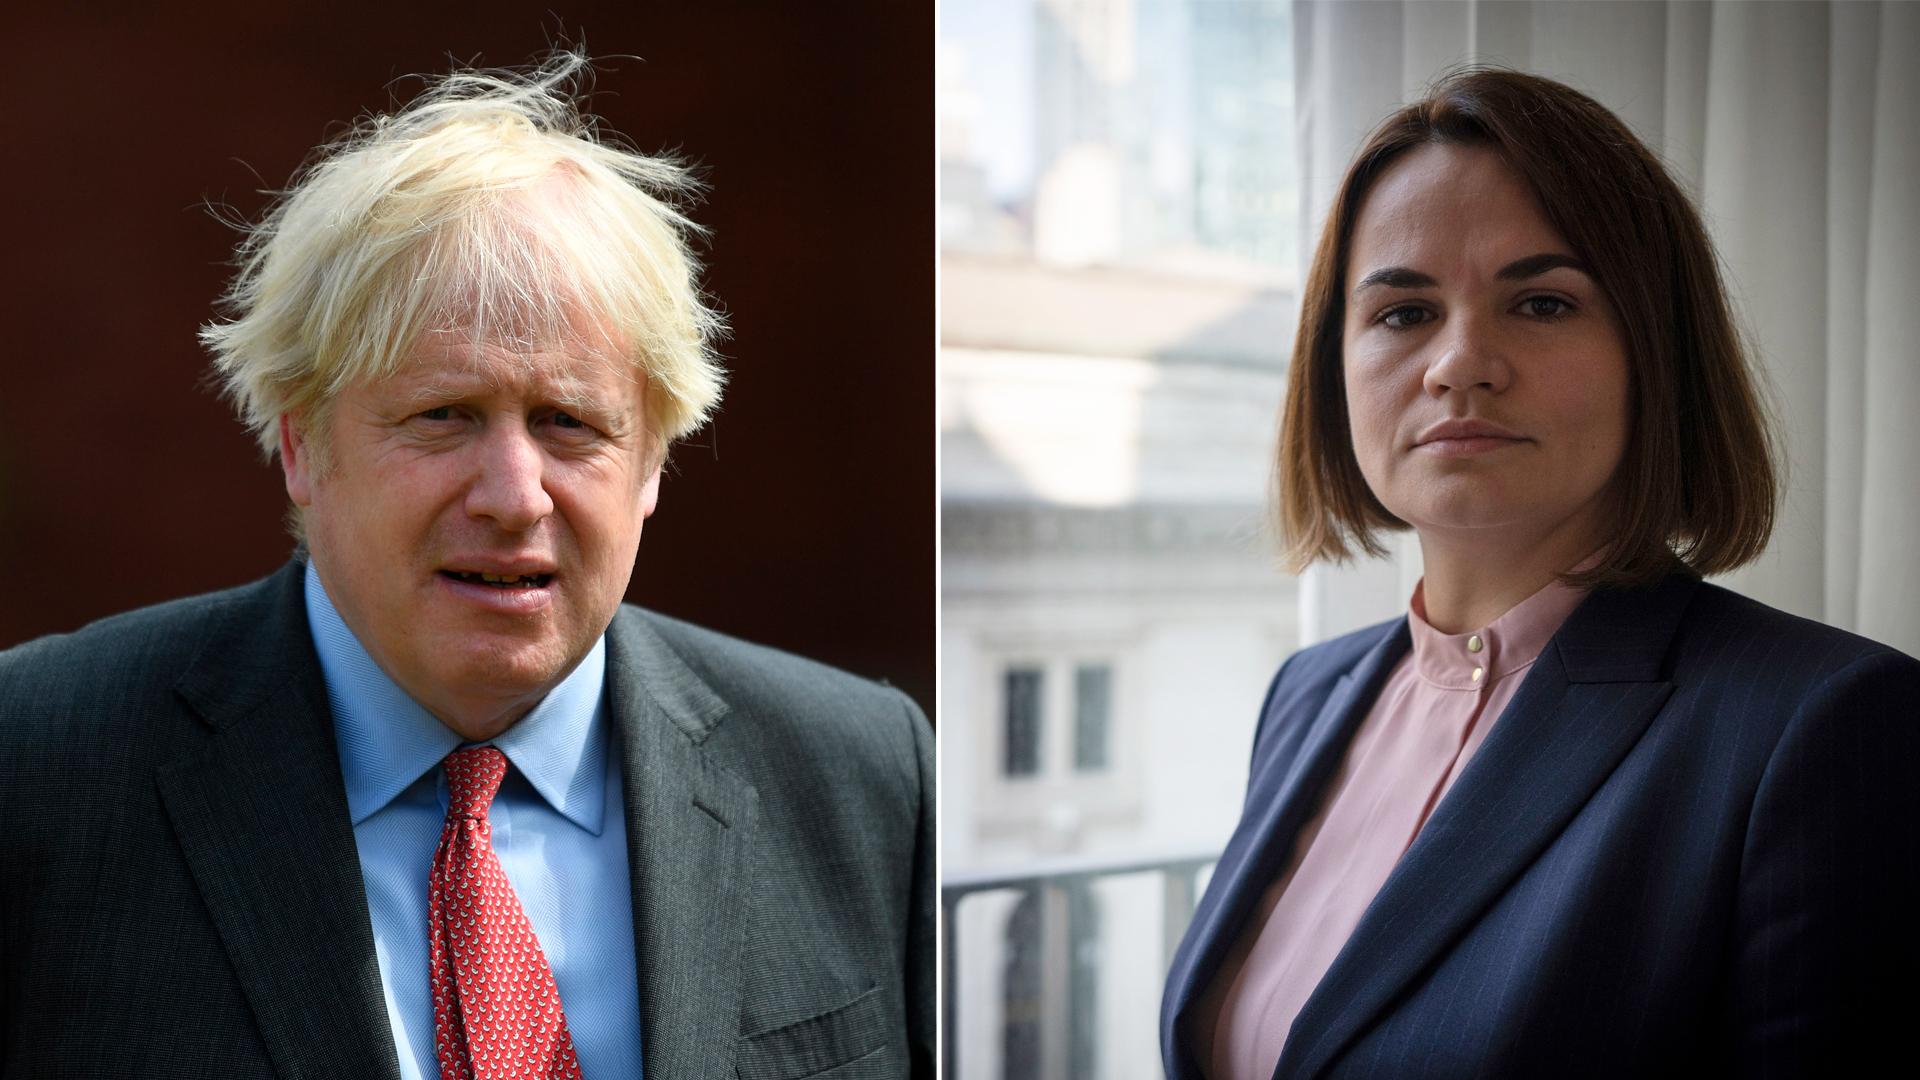 Борис Джонсон провёл встречу с Тихановской в Лондоне